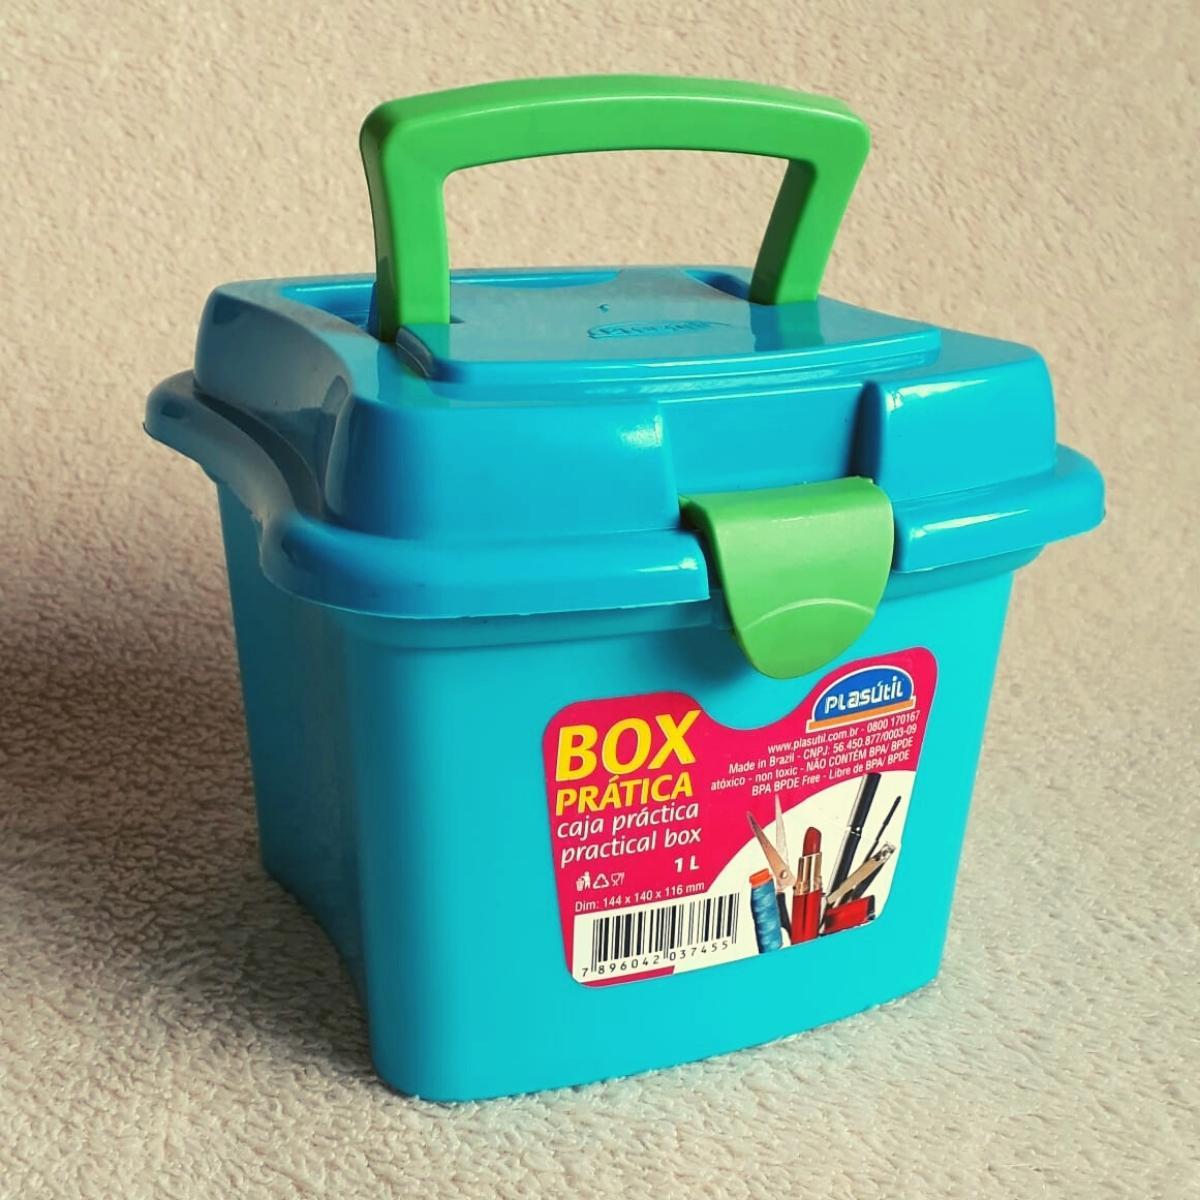 Maleta de Plástico Organizadora Pequena